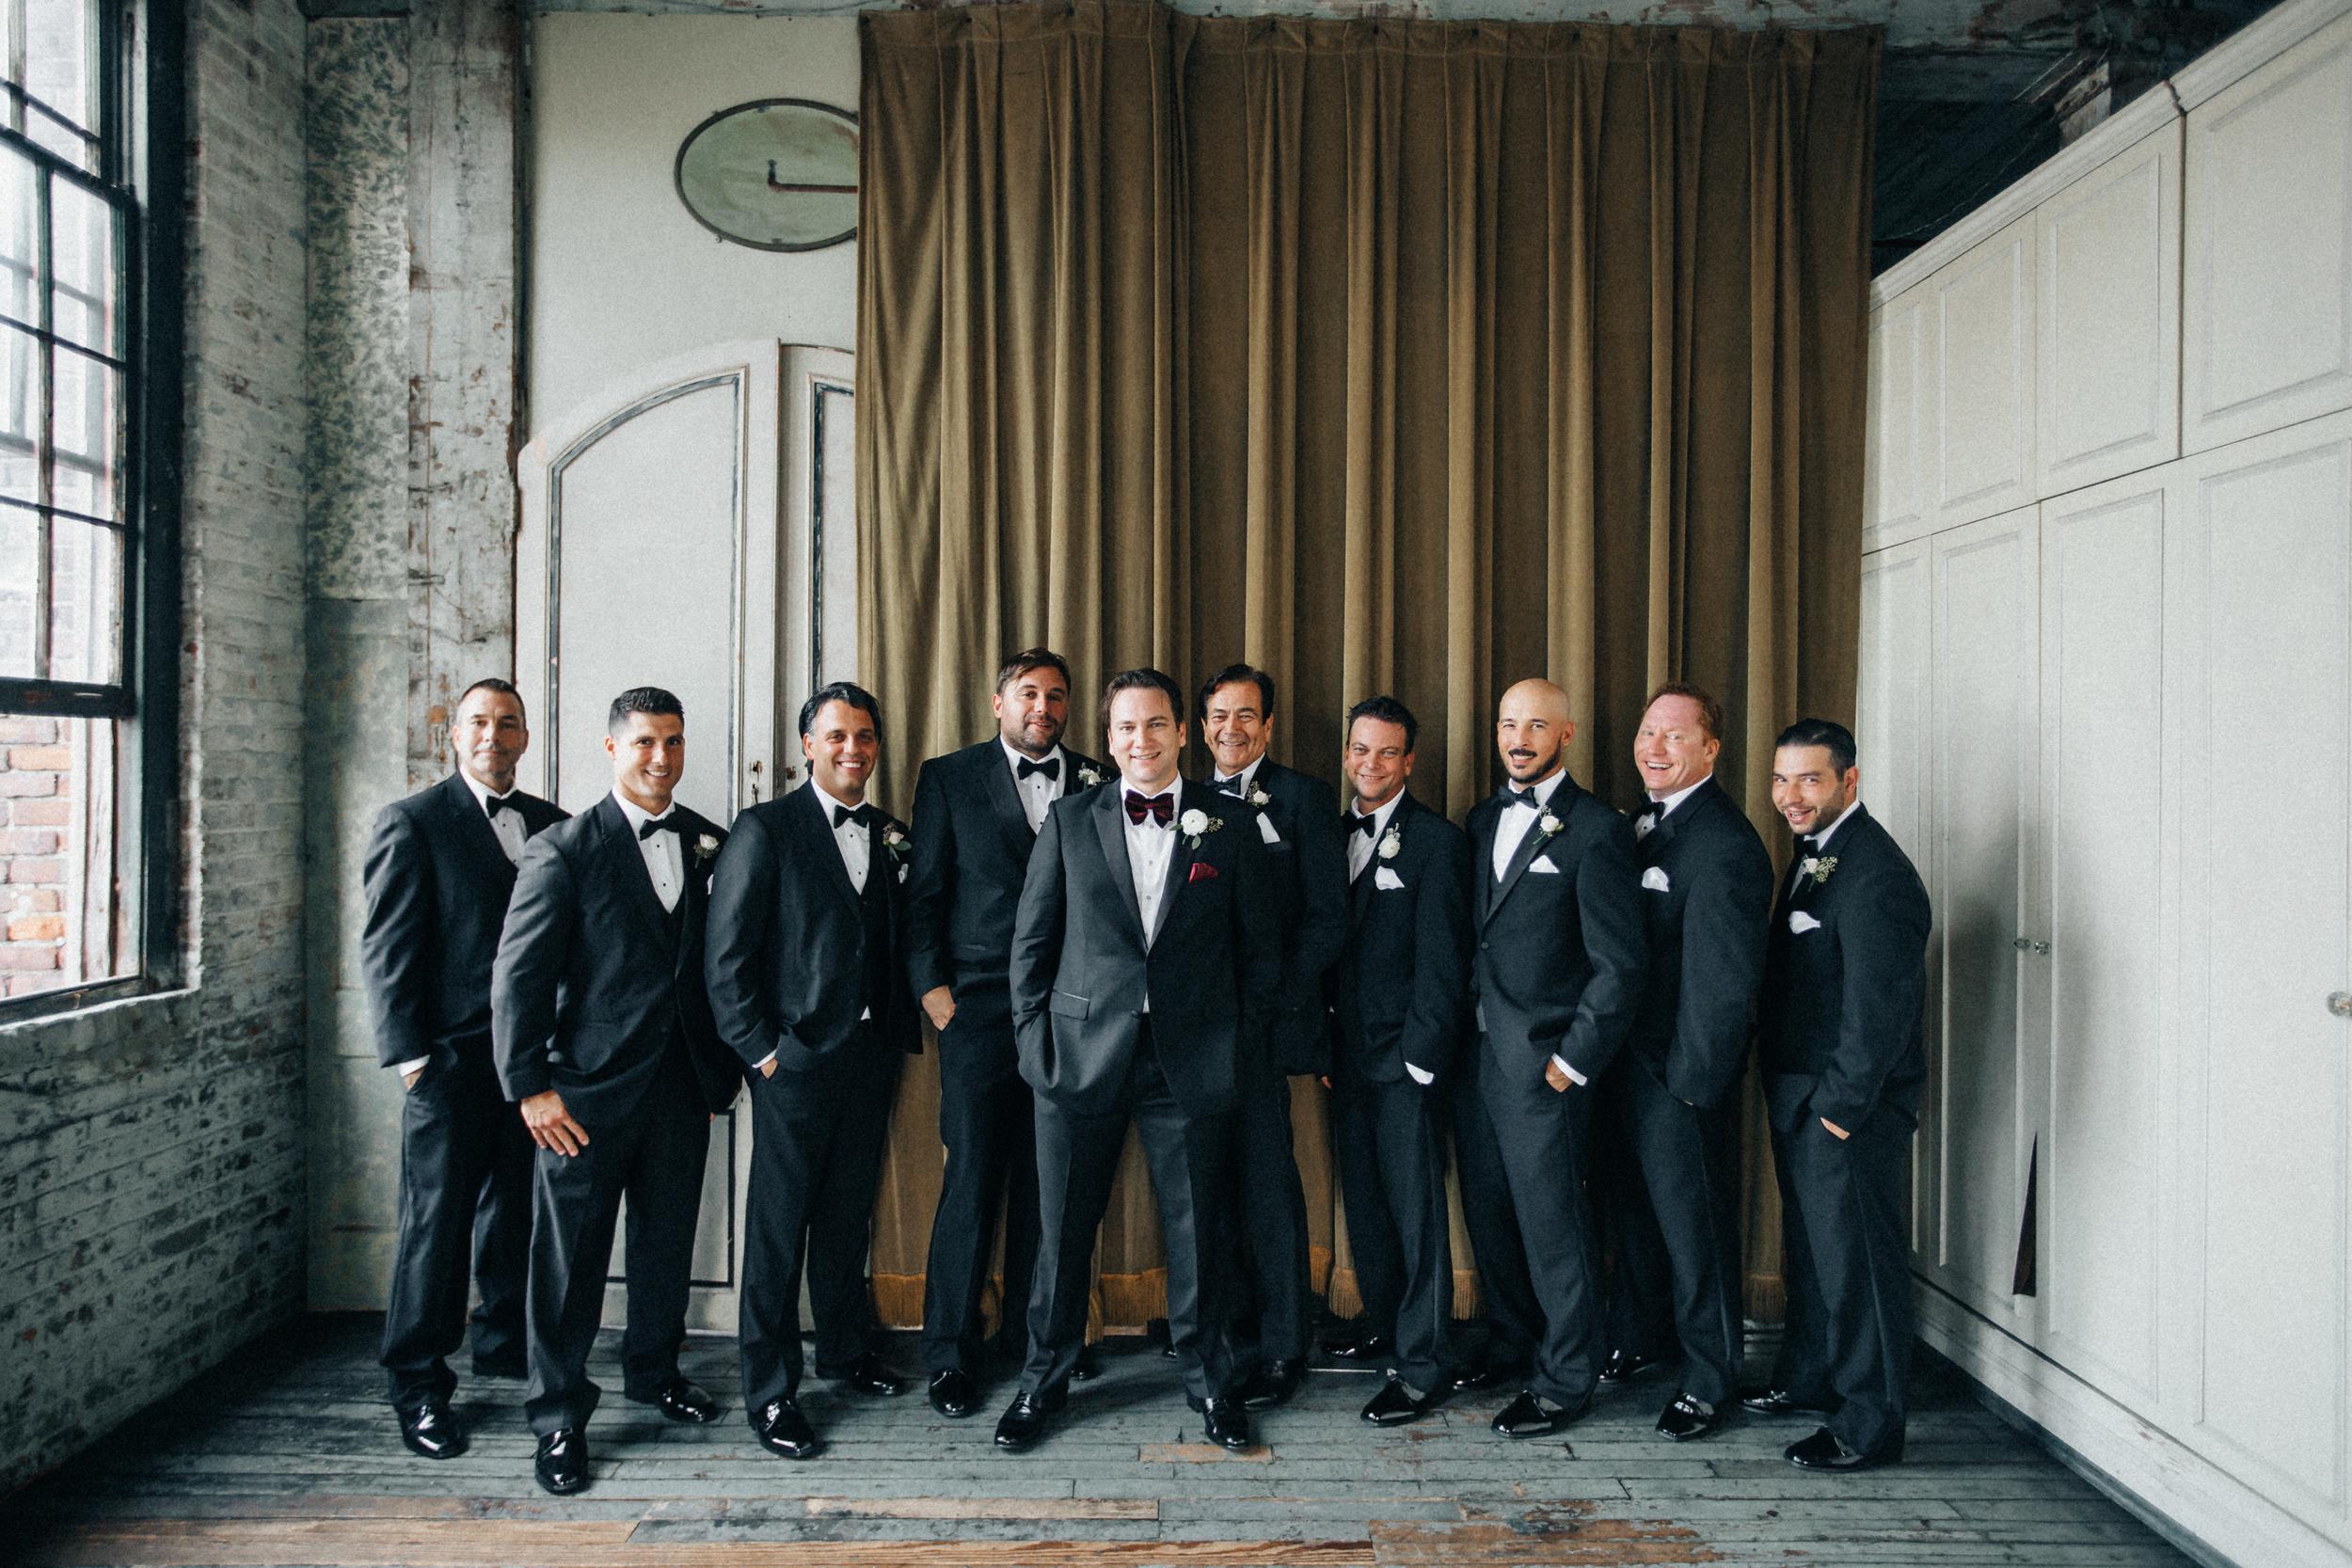 New York Wedding Photographer Boris Zaretsky Boris_Zaretsky_Photography_1N3A0677-Edit copy.jpg